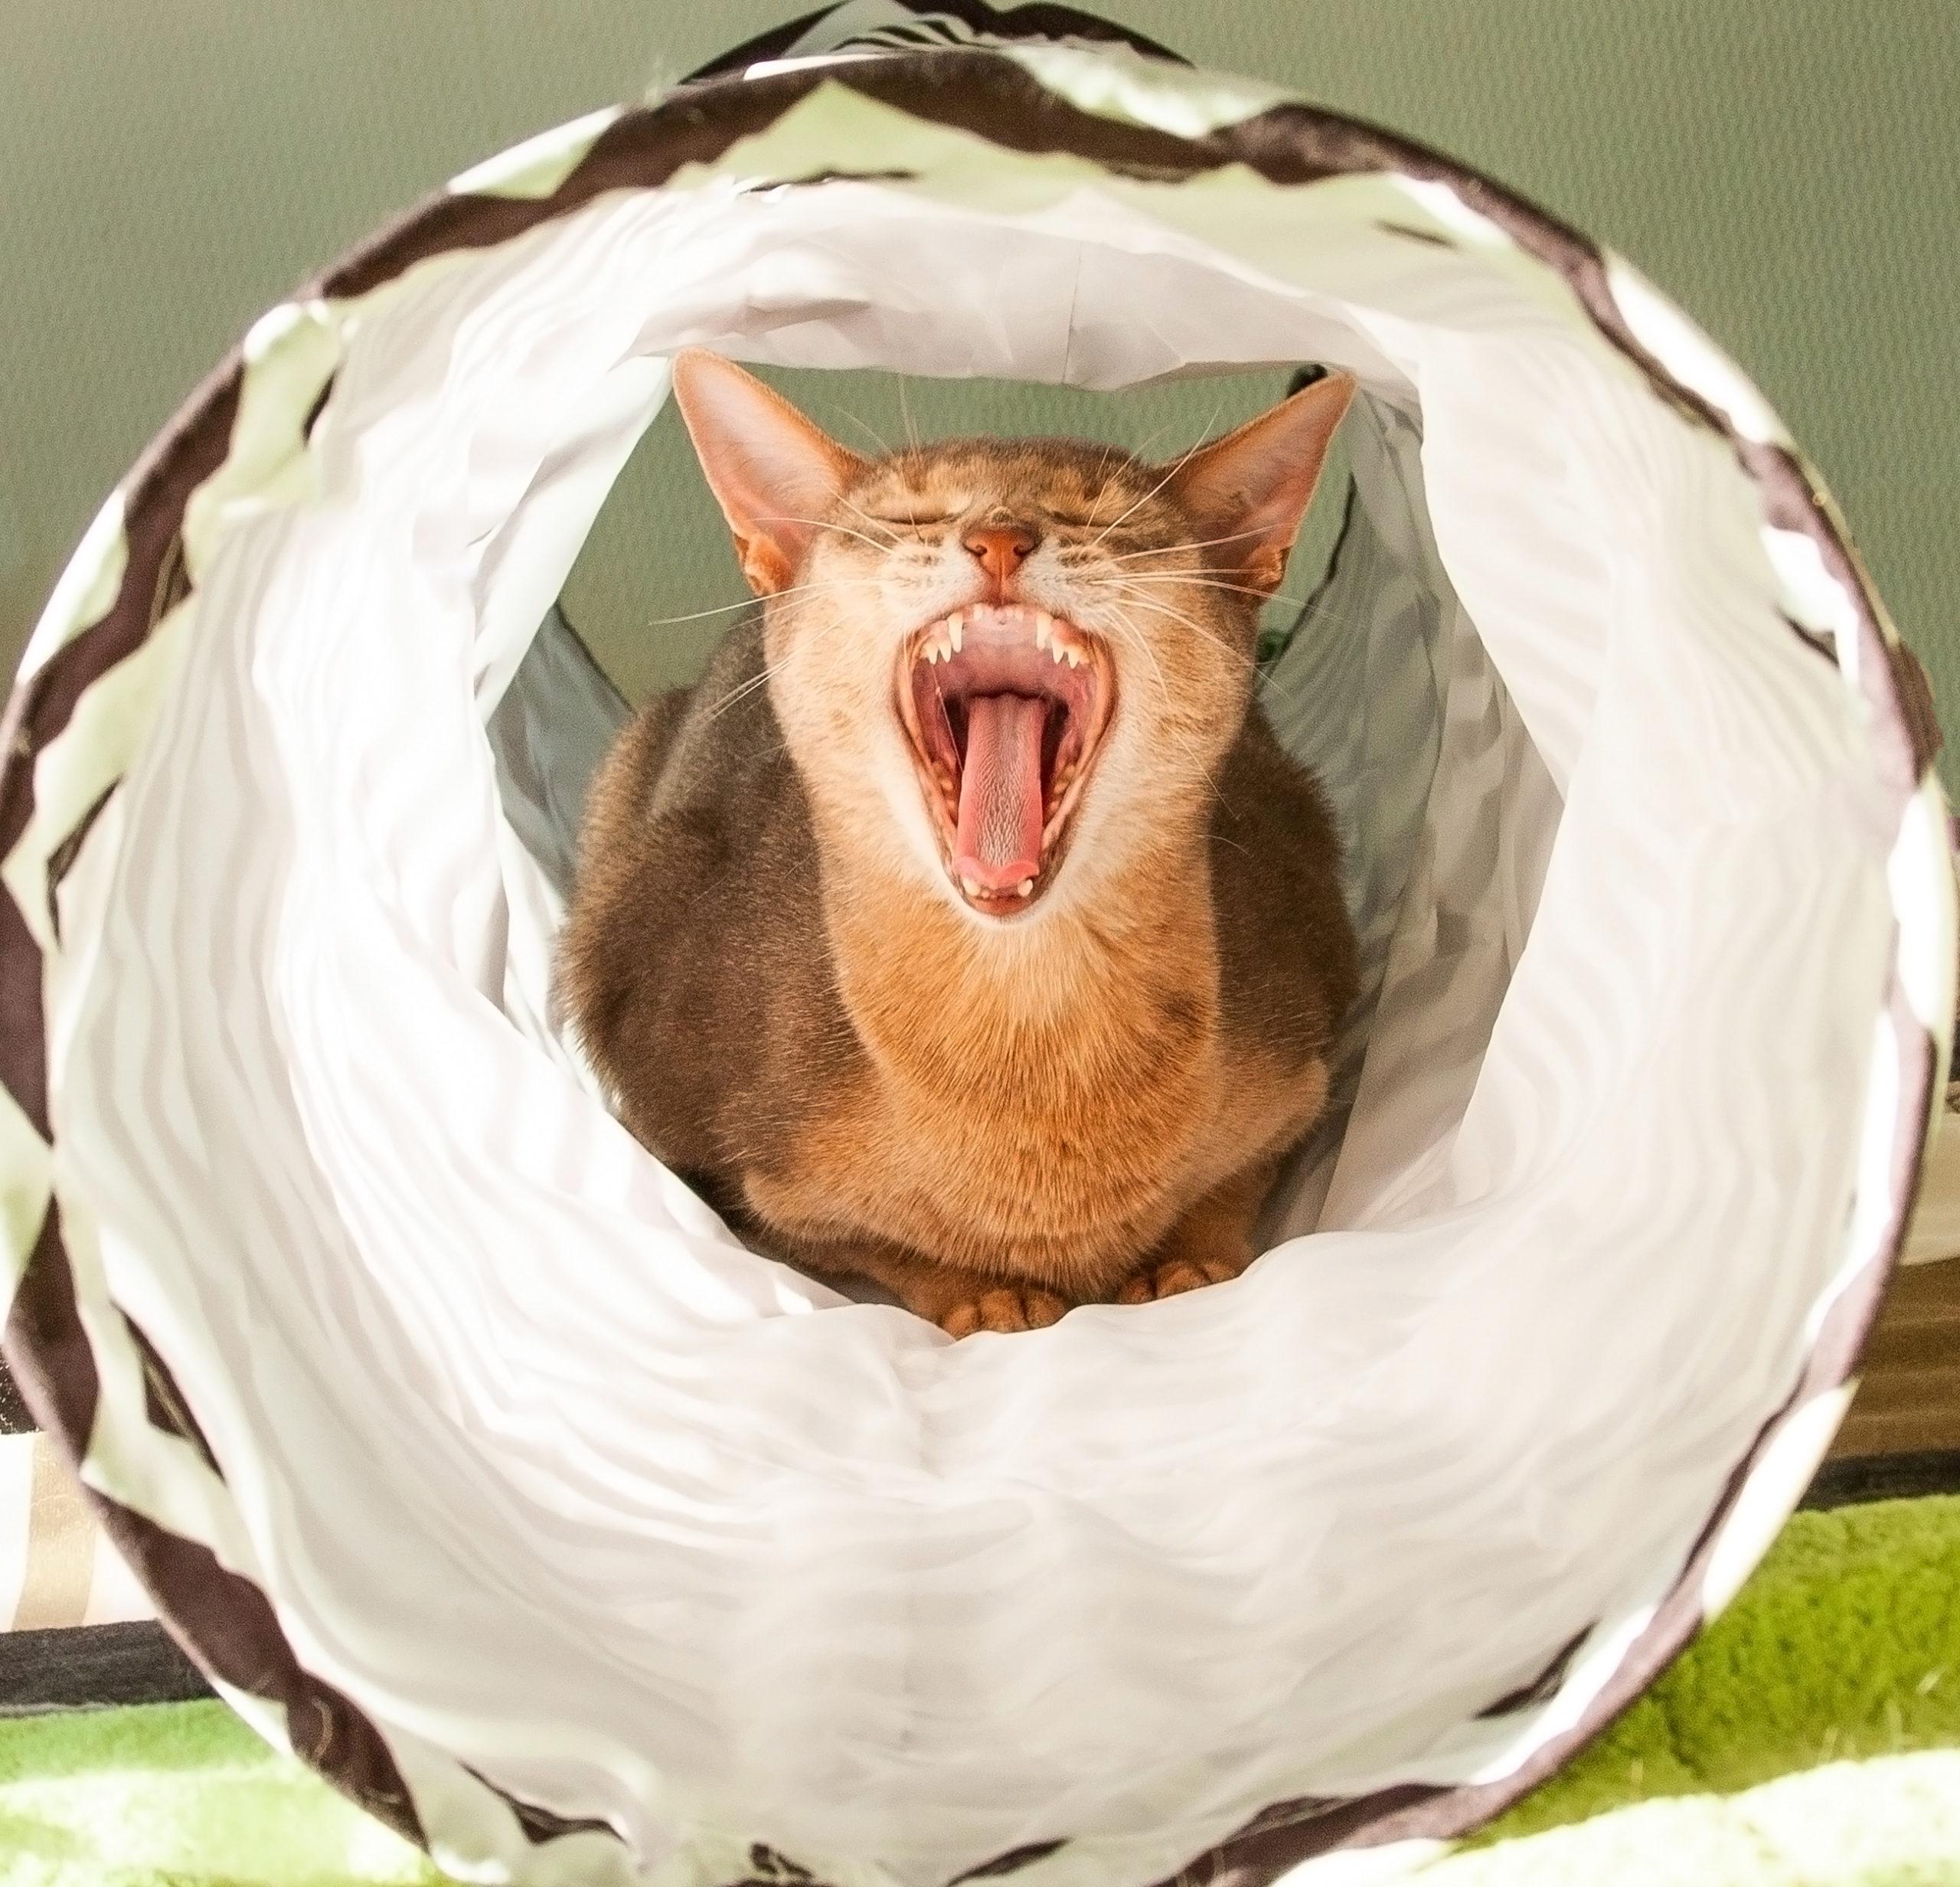 キャットトンネルの中で大きなあくびをする猫